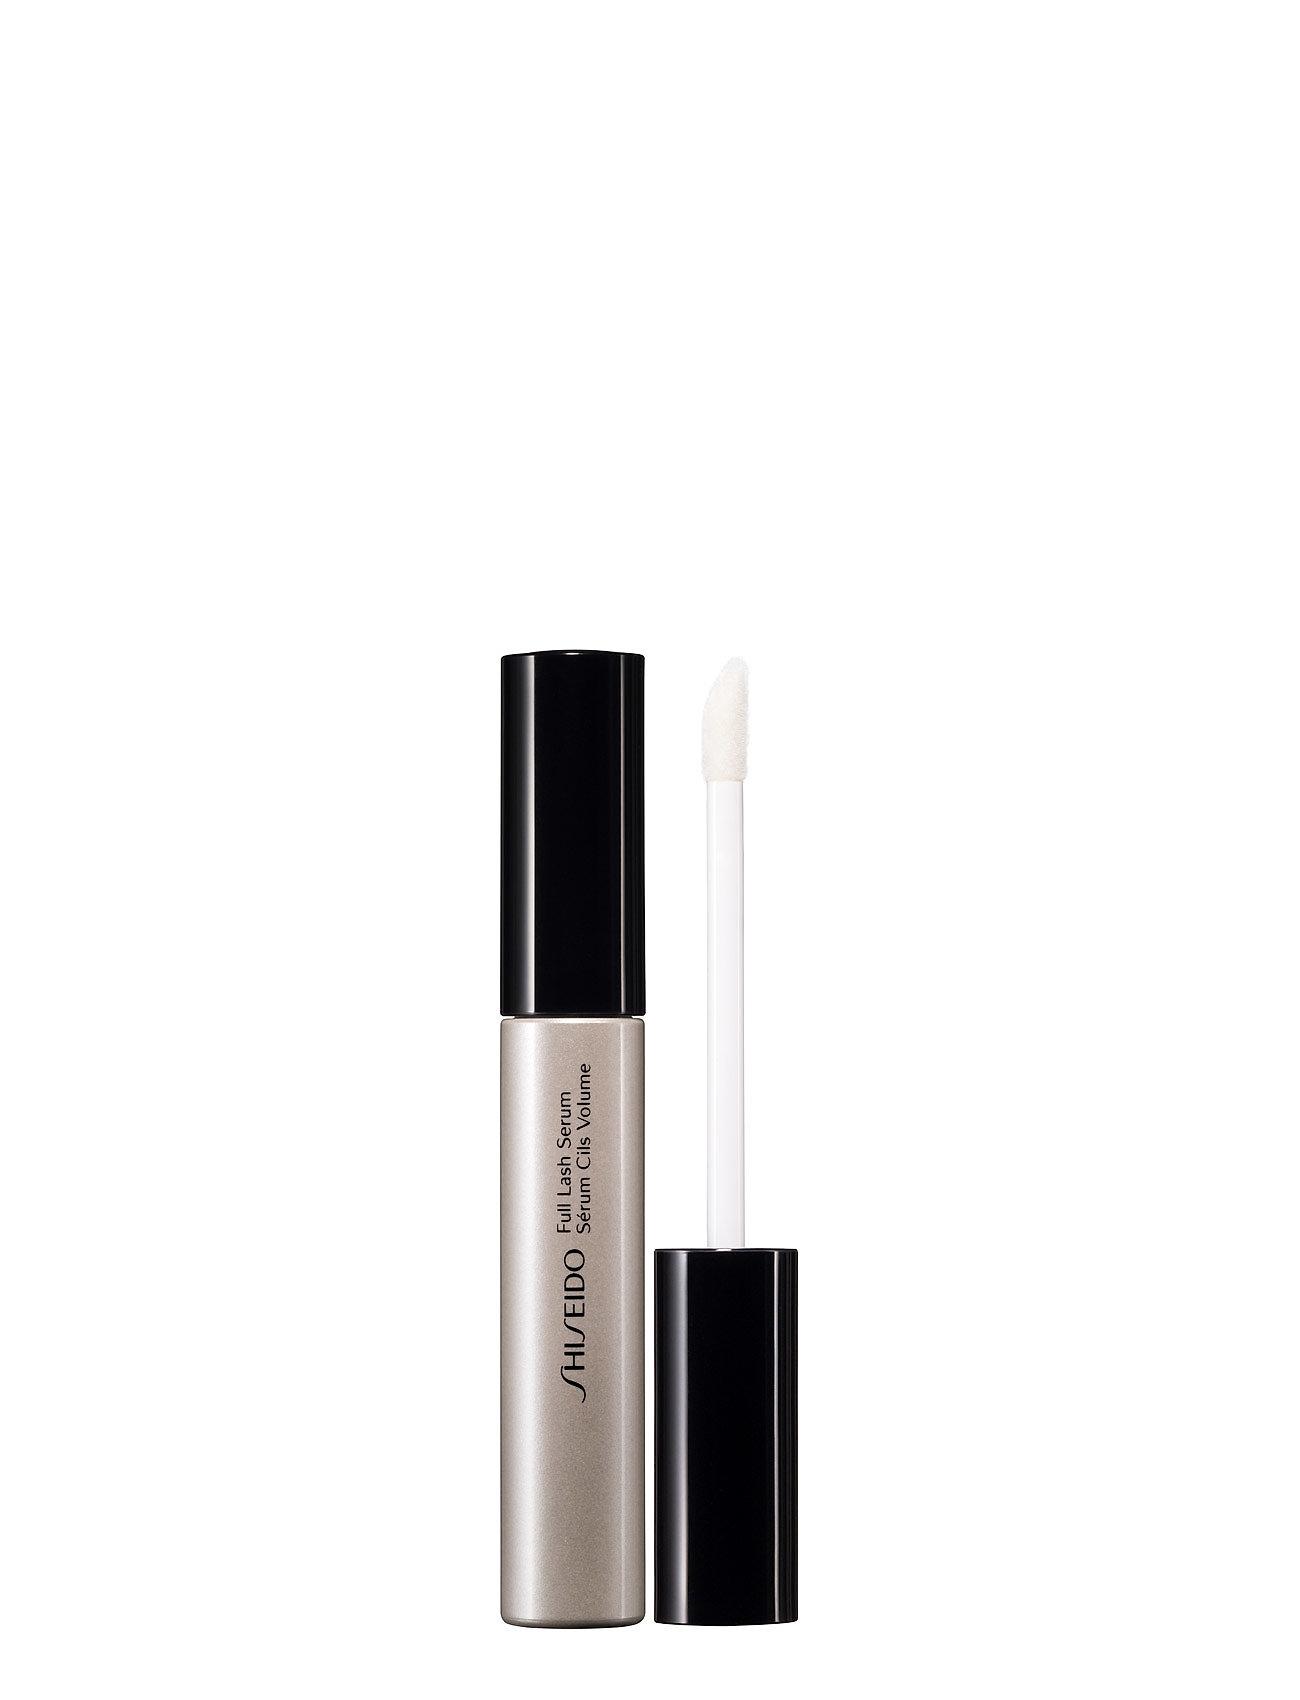 Shiseido full lash serum lash serum fra shiseido fra boozt.com dk